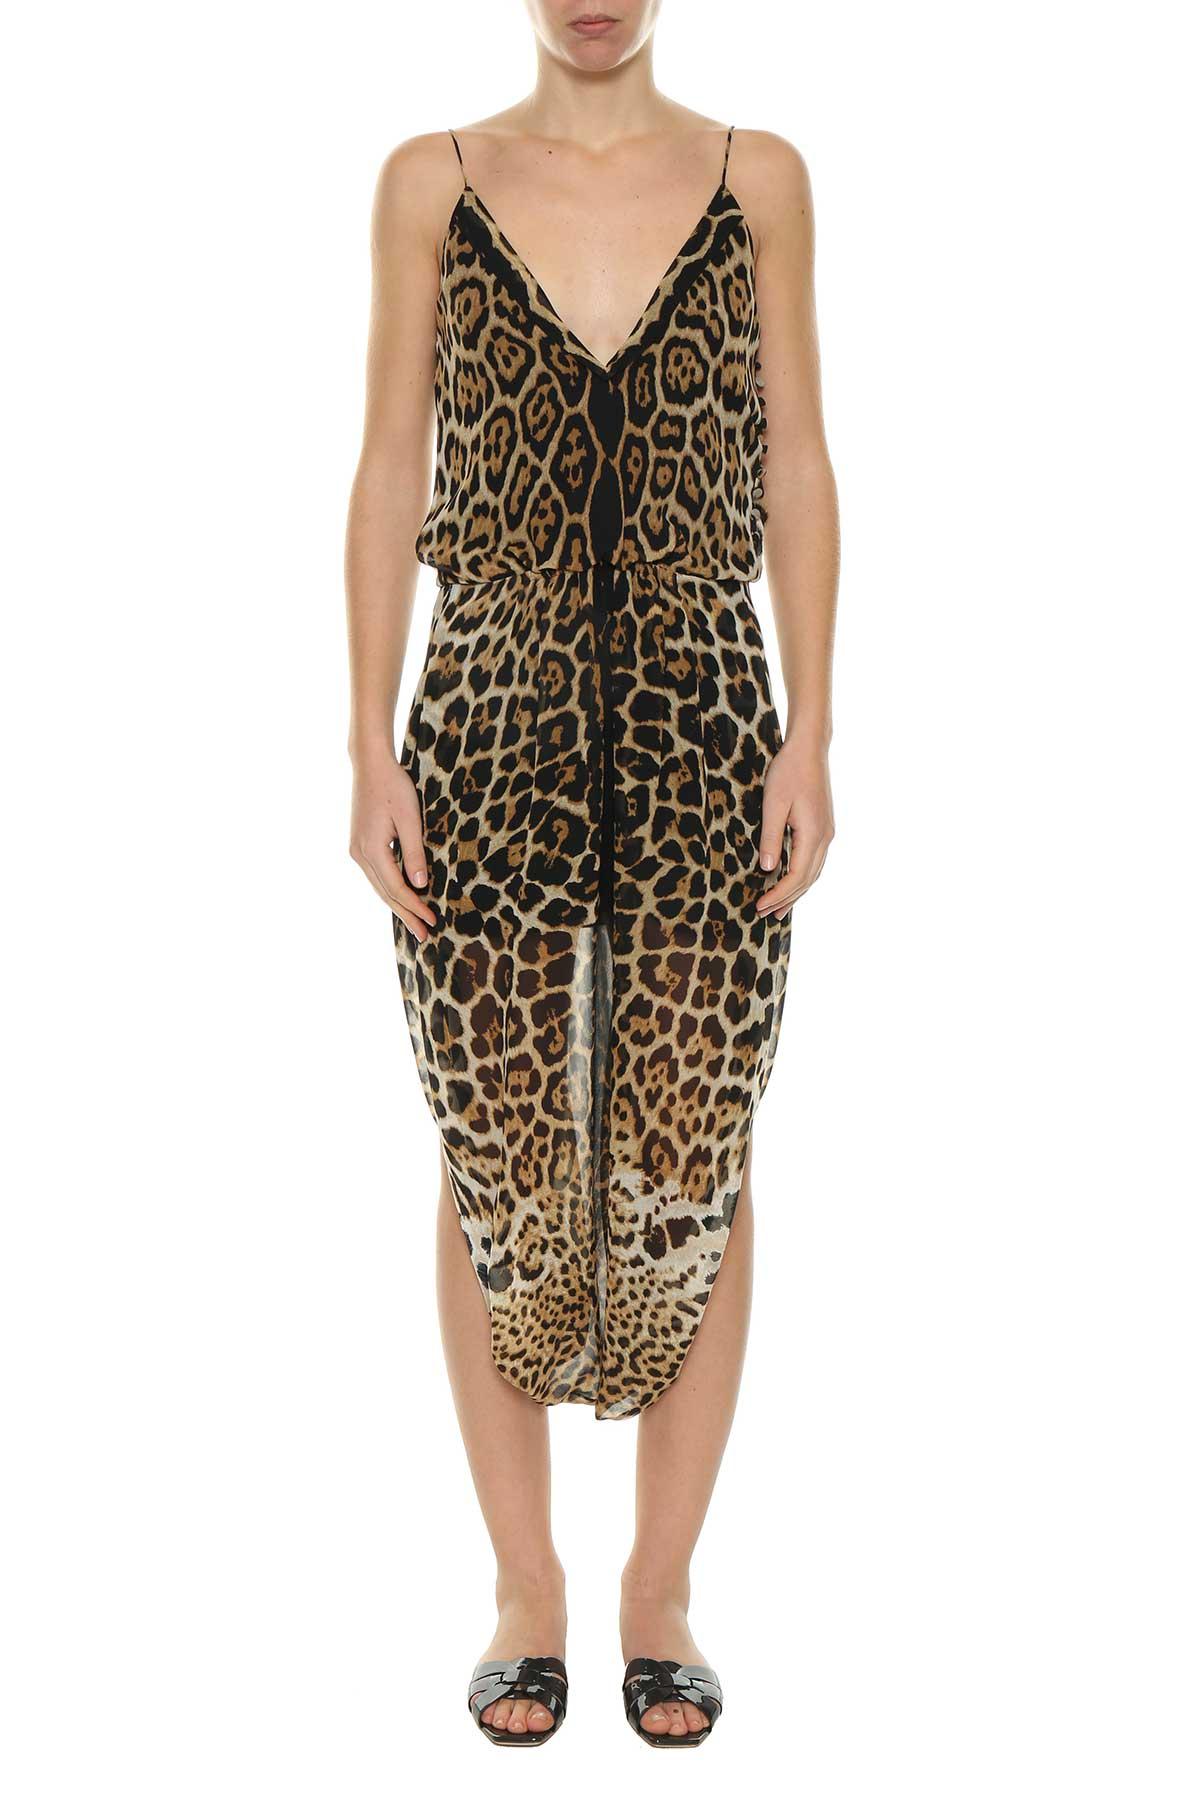 Saint Laurent Saint Laurent Leopard Print Dress